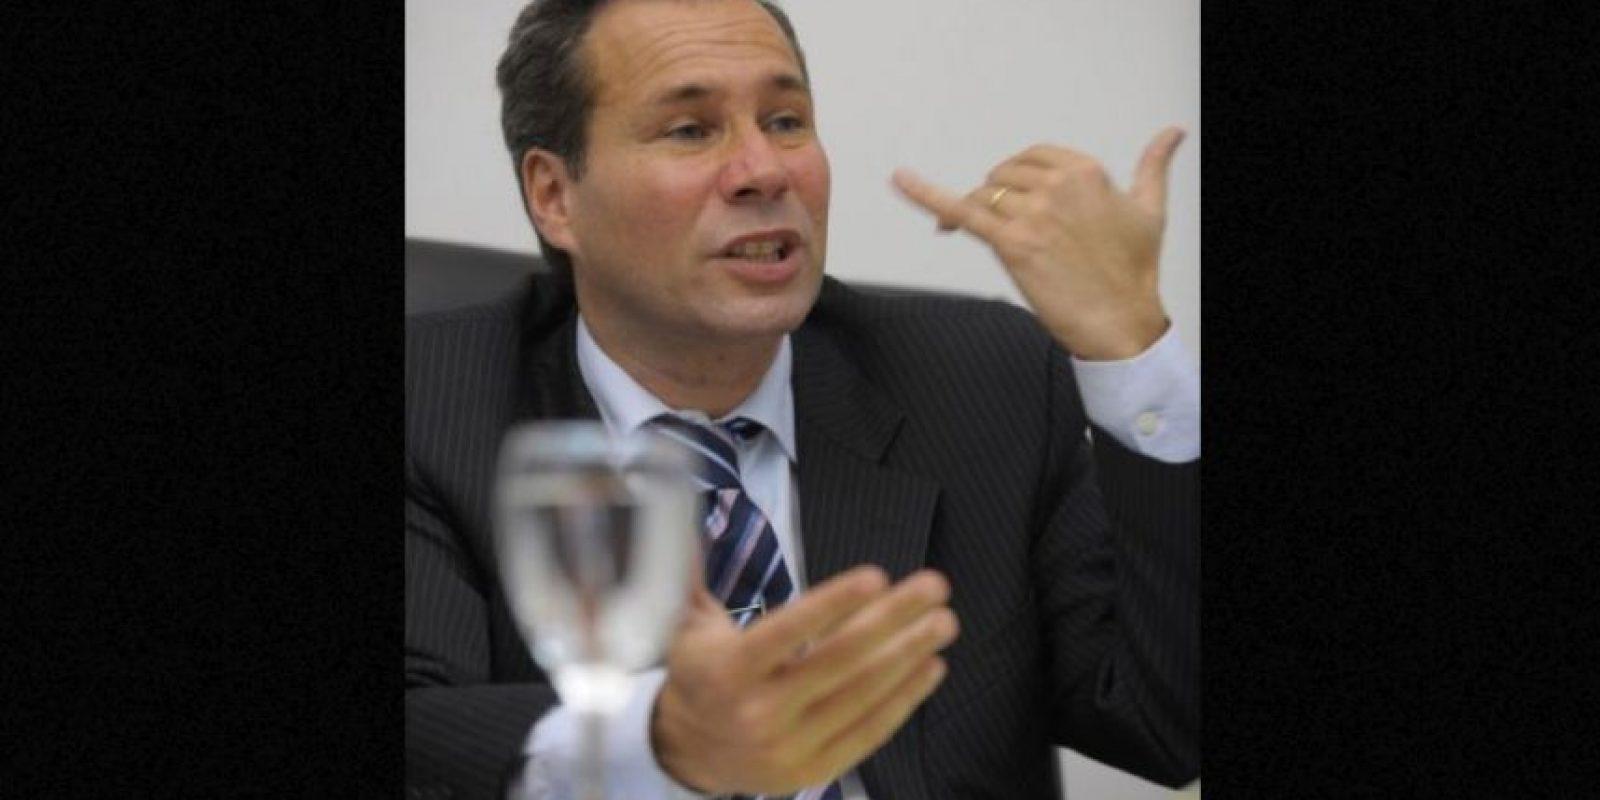 El fiscal Alberto Nisman fue hallado sin vida en el interior de su domicilio en enero de este año. Foto:AFP